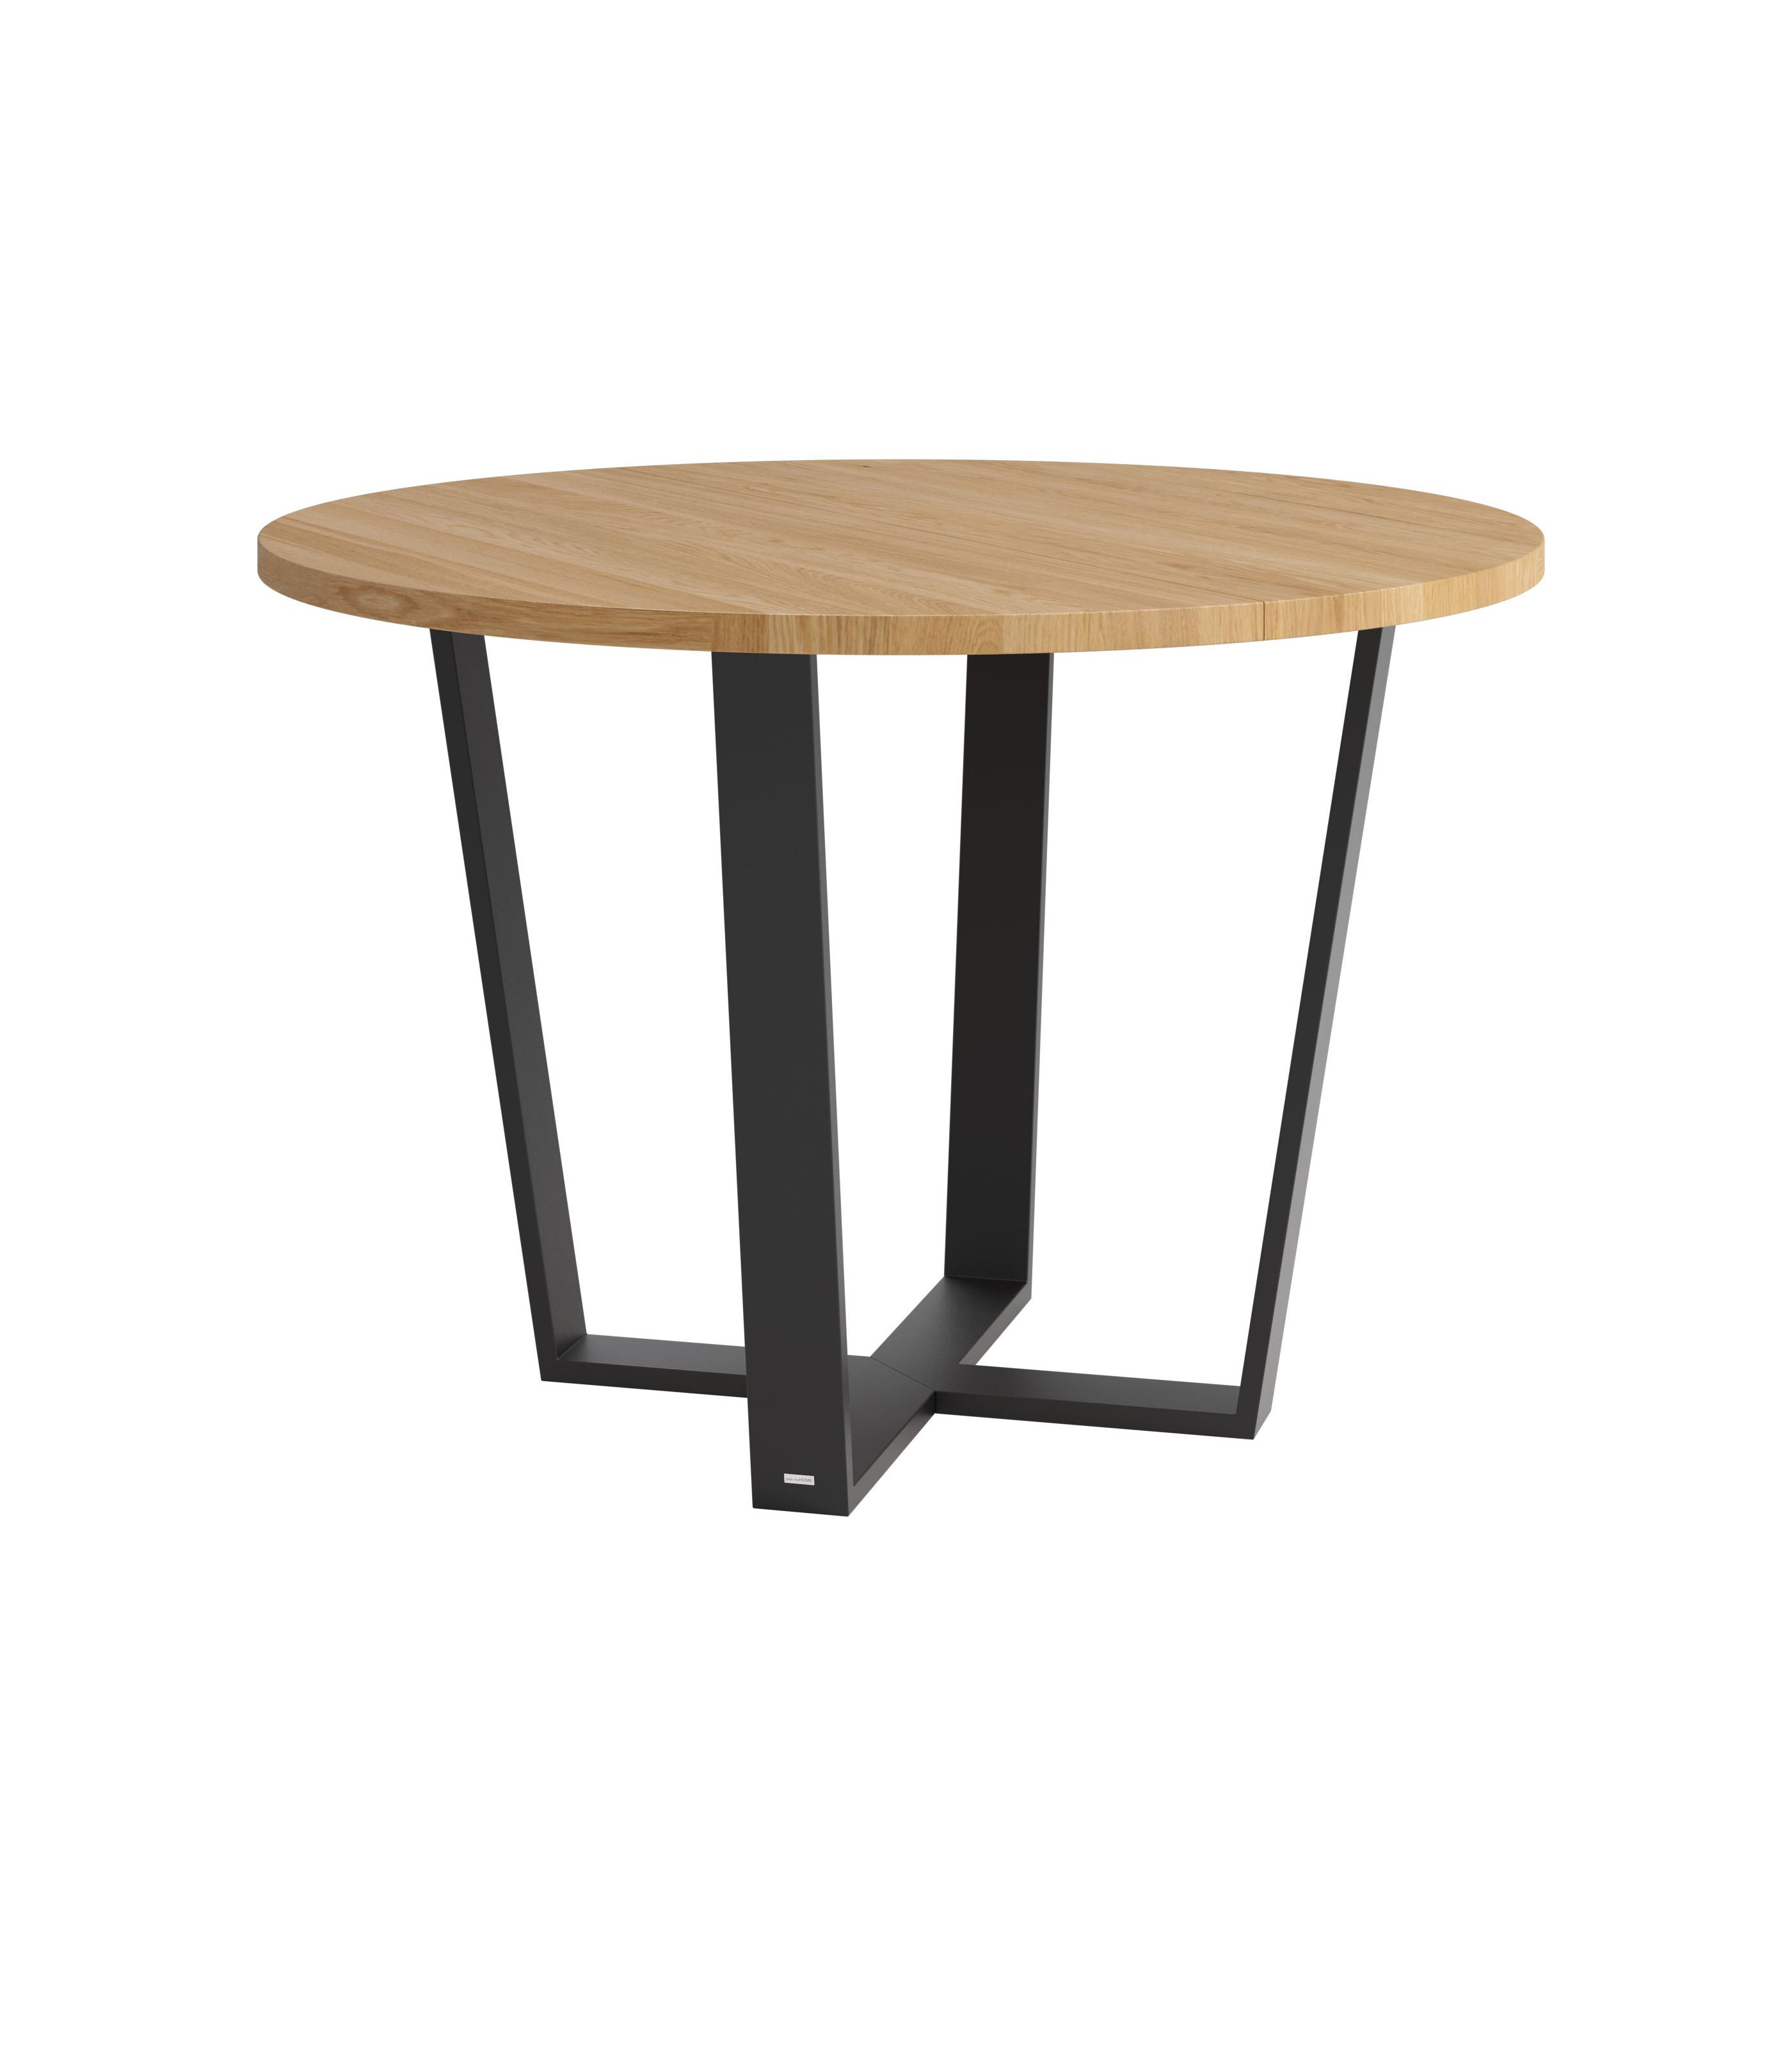 industrialny stół rozkładany okrągły dębowy